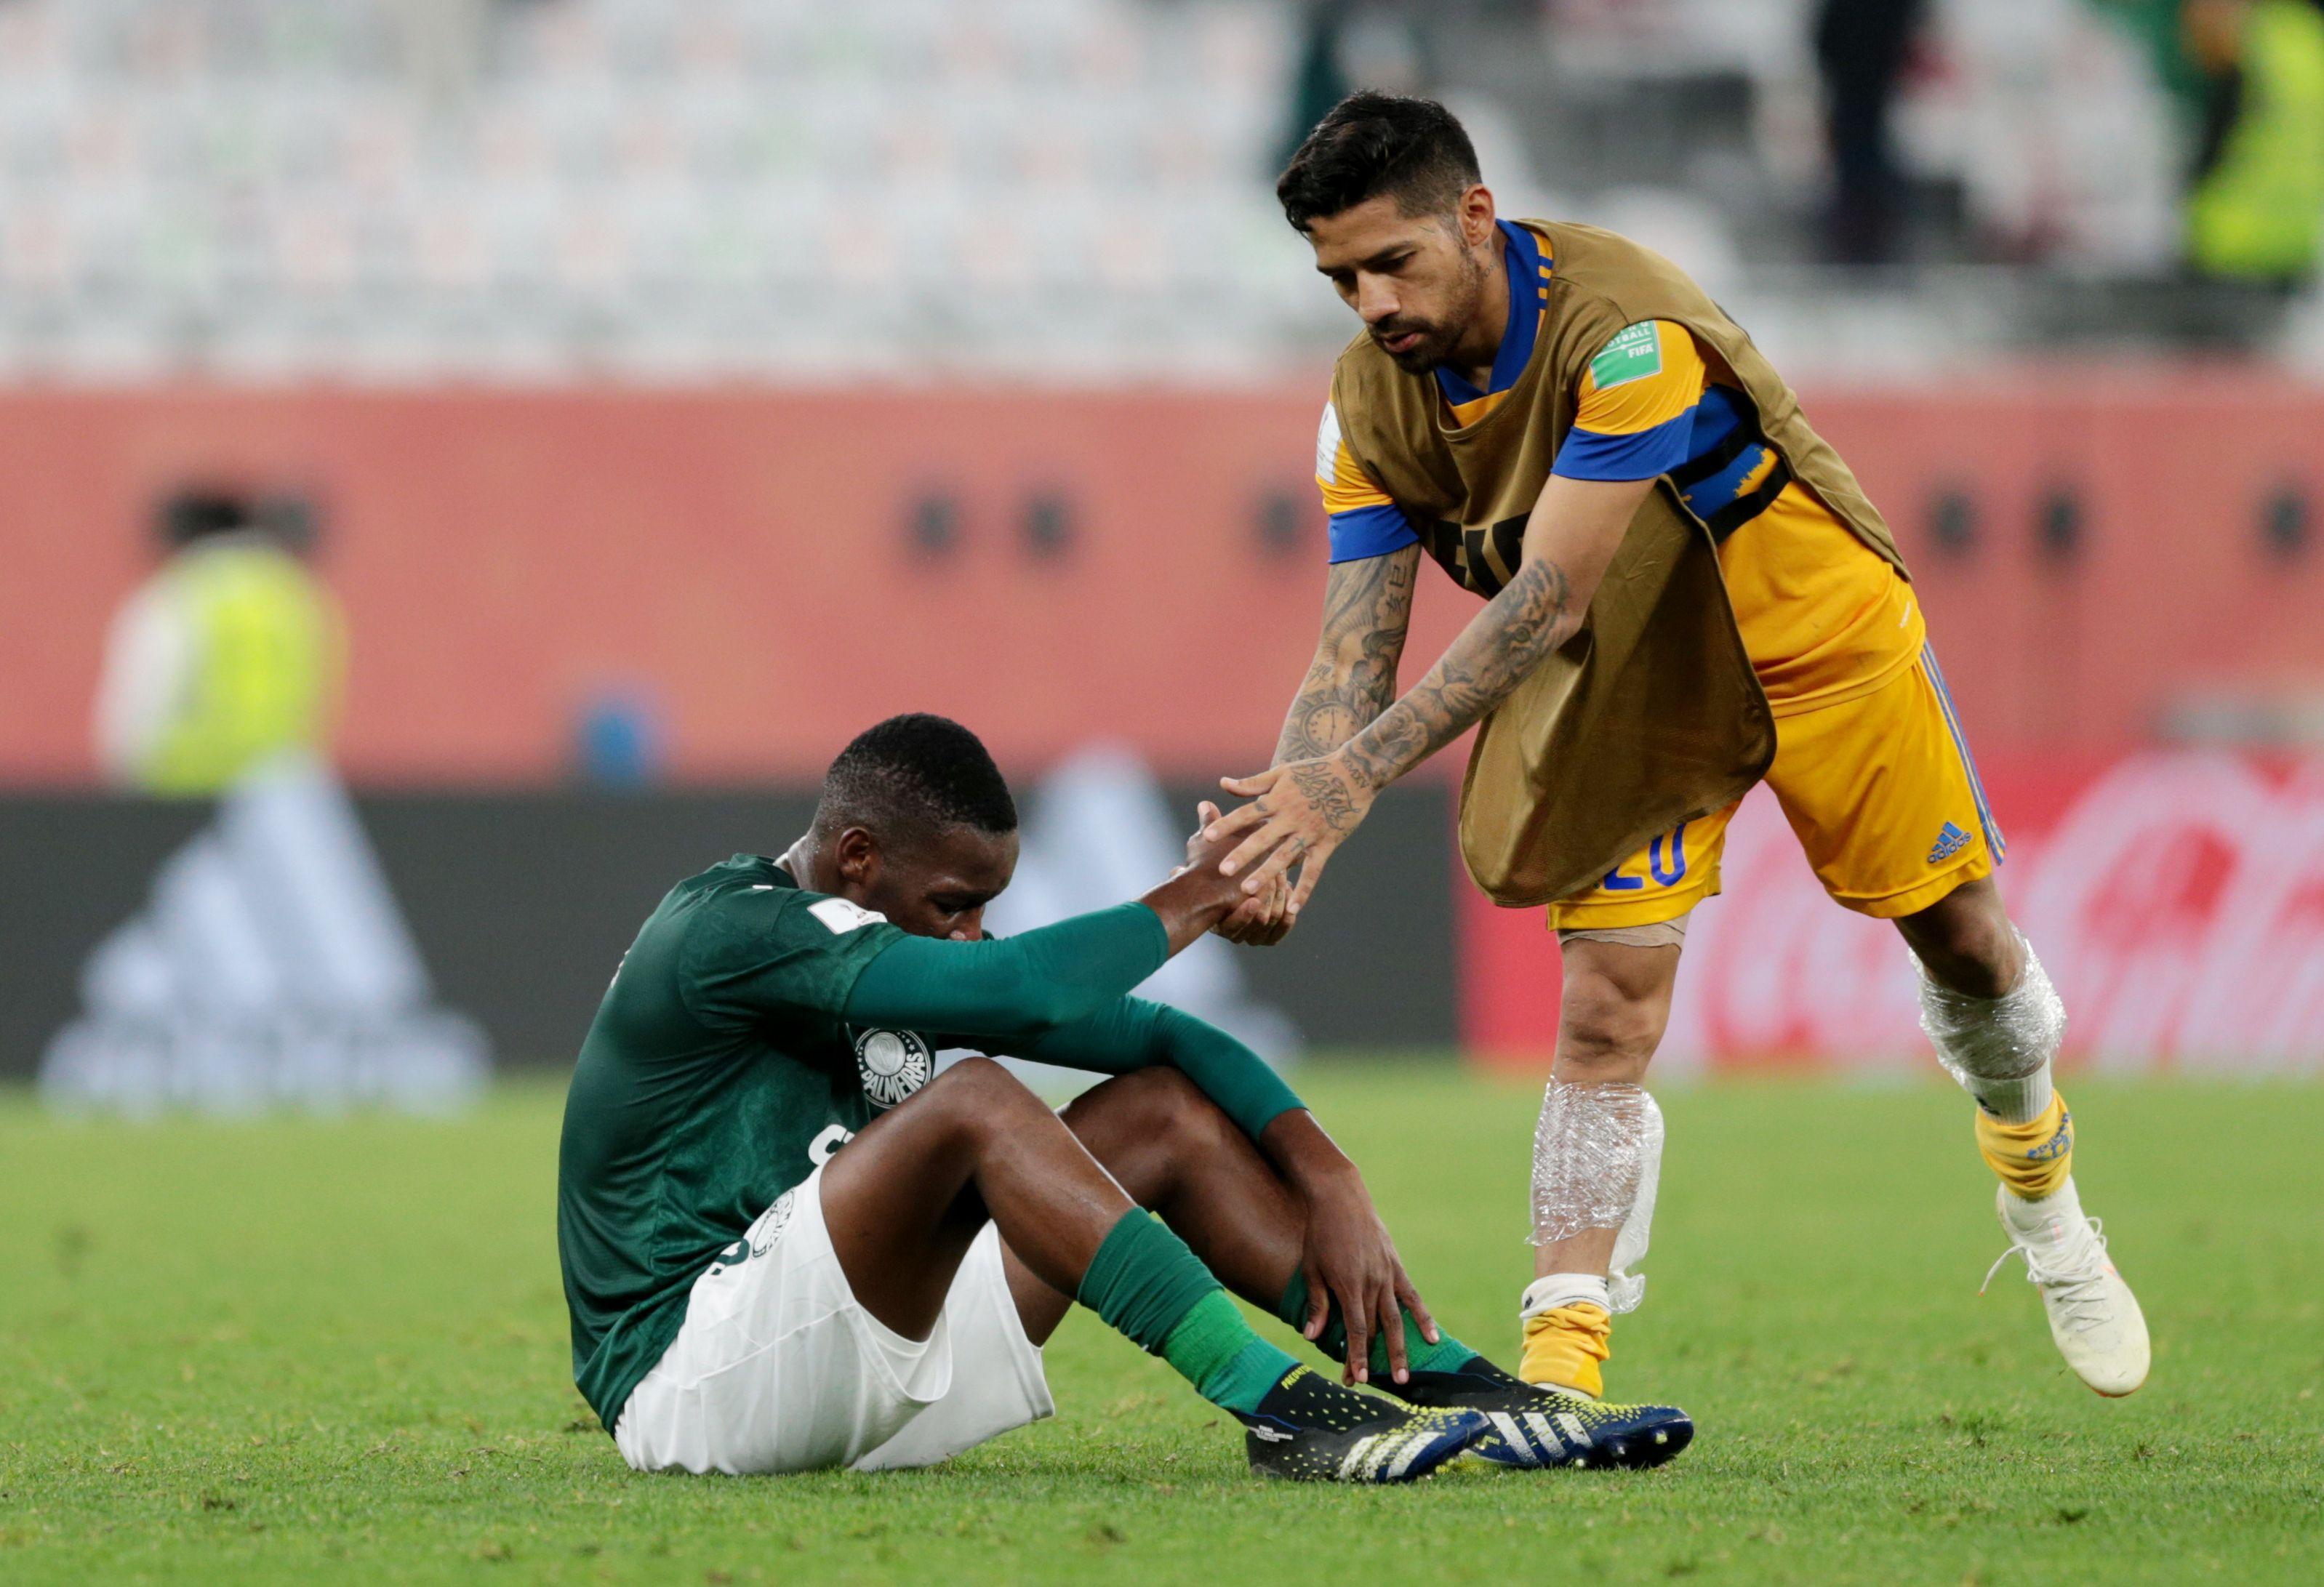 La decepción de Patrick de Paula, de Palmeiras, tras la caída ante Tigres de México (REUTERS/Mohammed Dabbous)